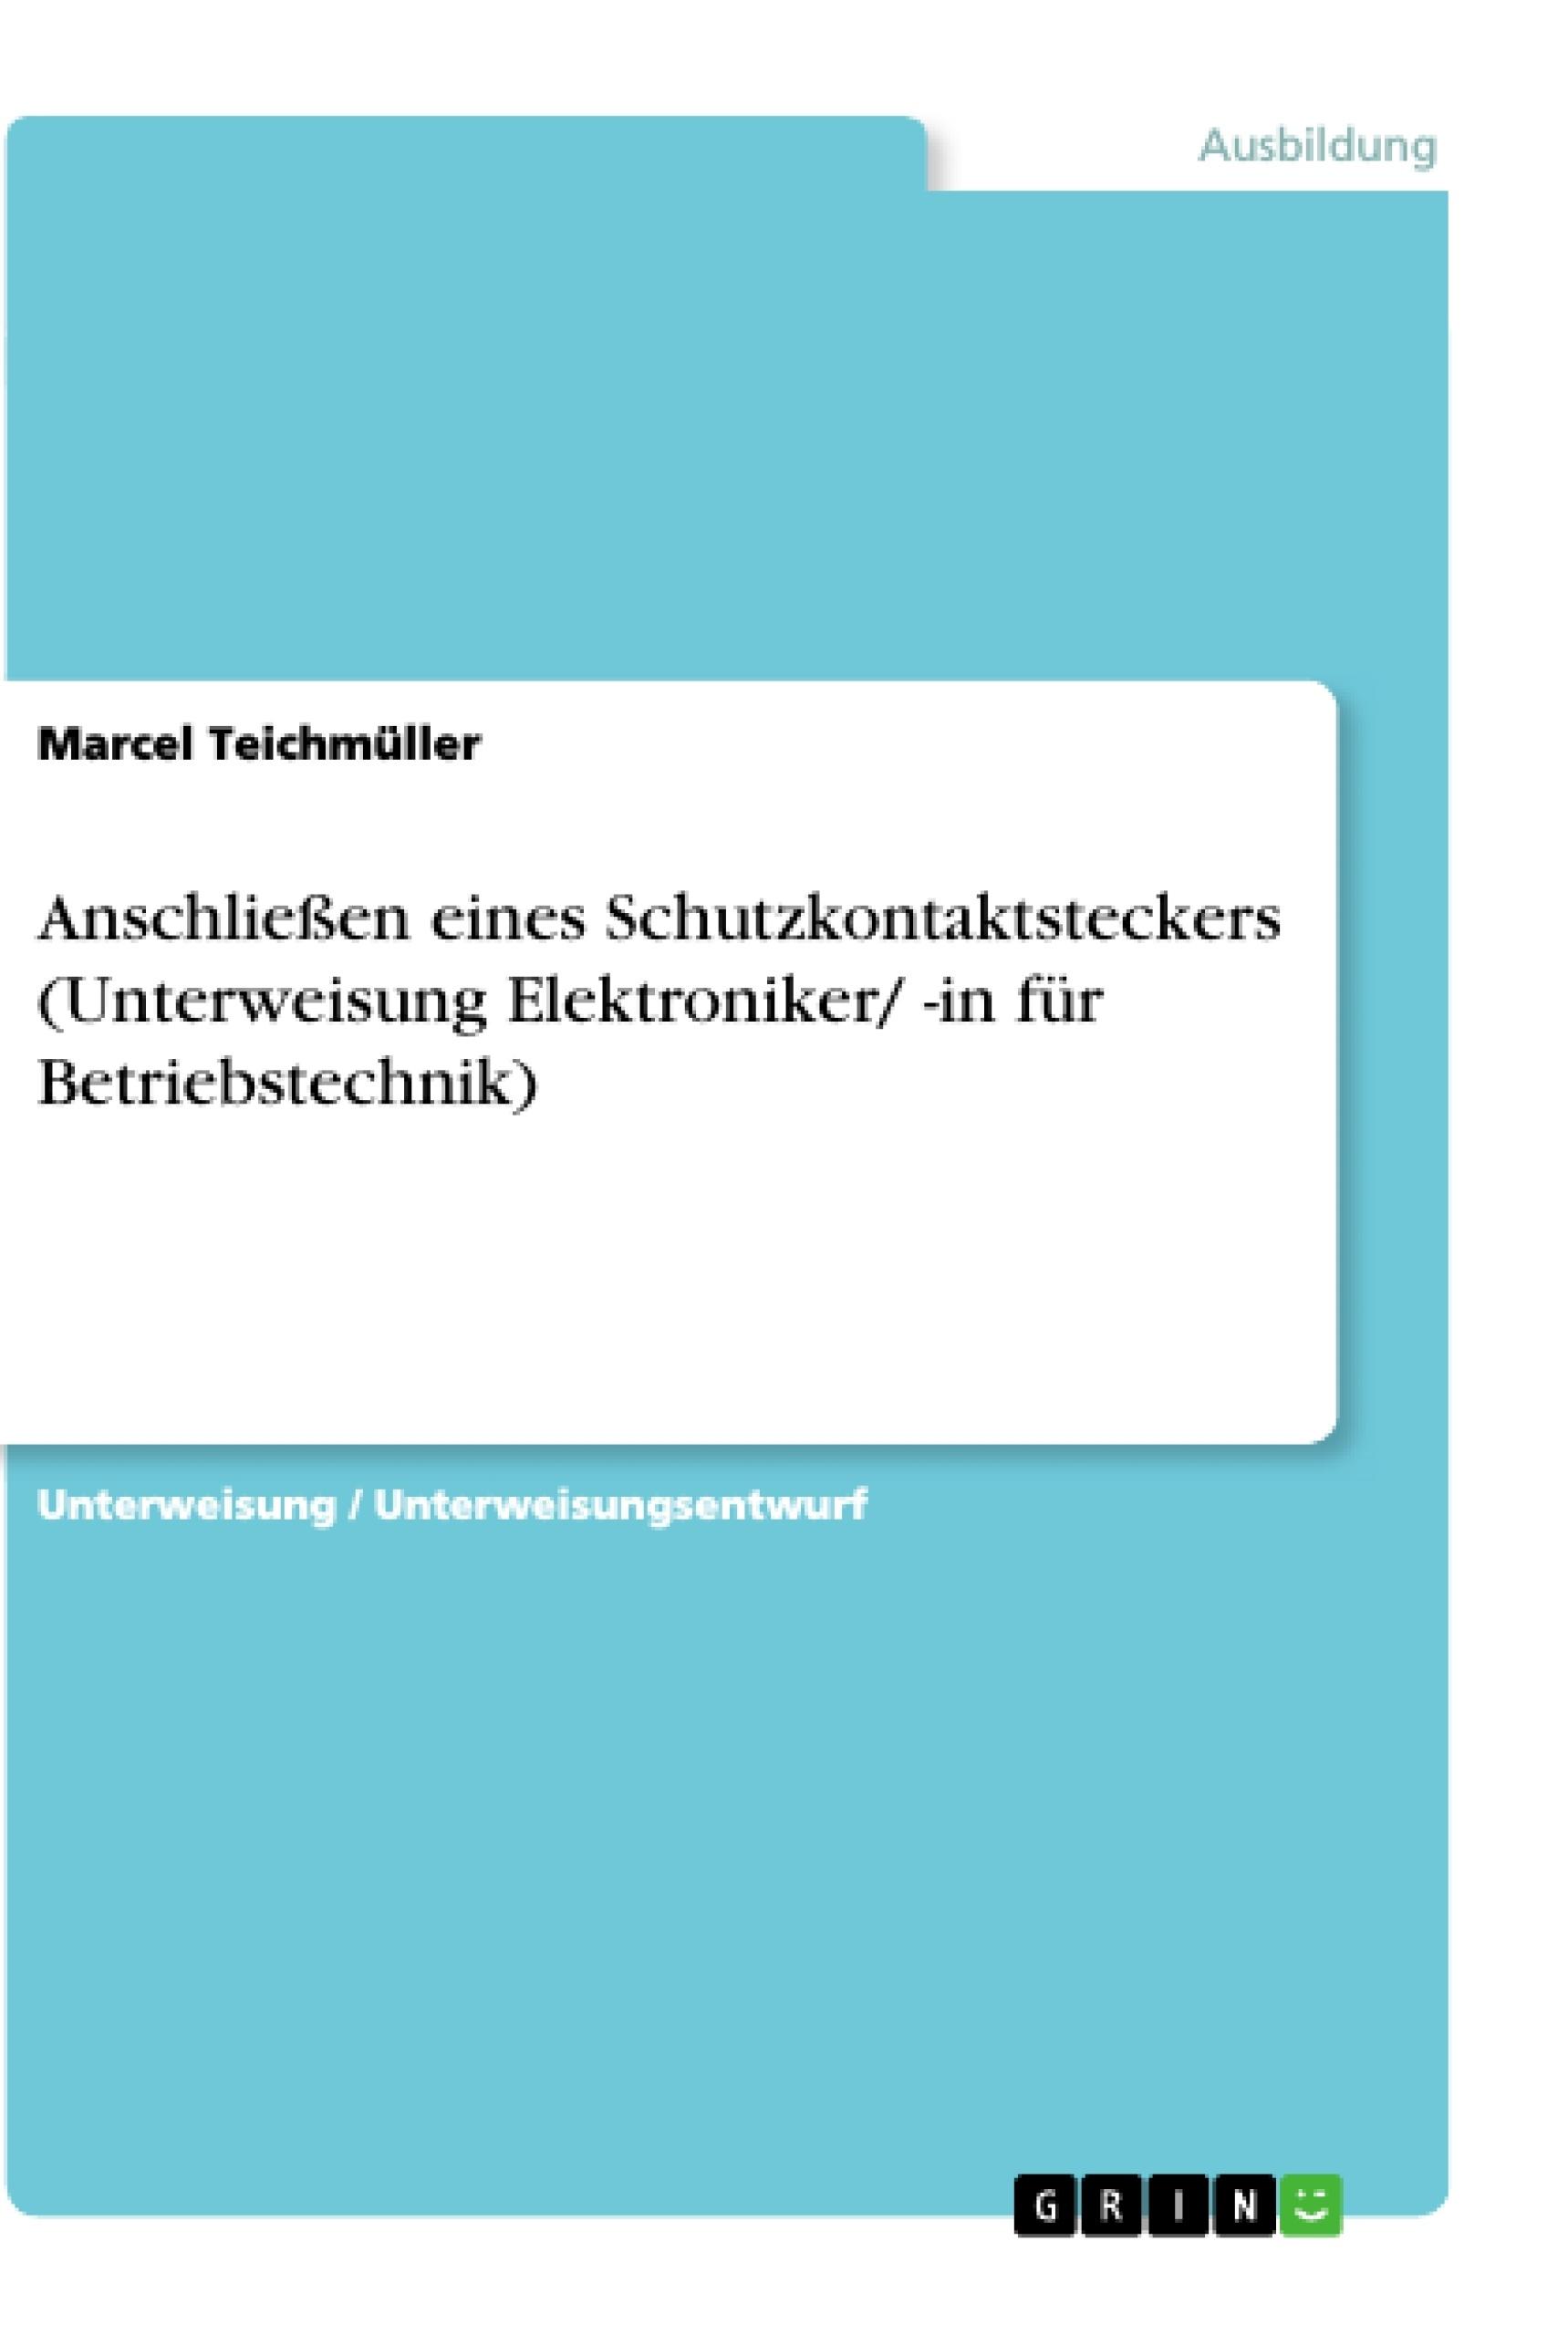 Titel: Anschließen eines Schutzkontaktsteckers (Unterweisung Elektroniker/ -in für Betriebstechnik)